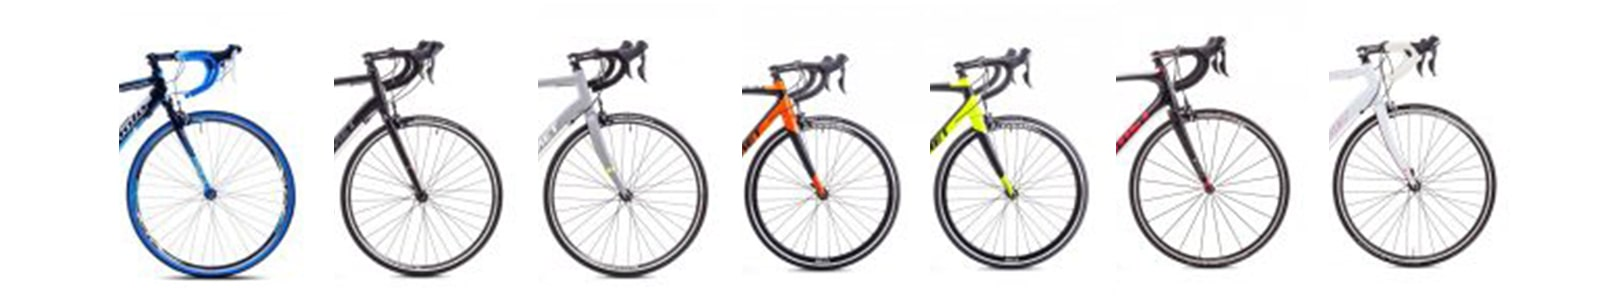 csúcsszuper országúti kerékpárok